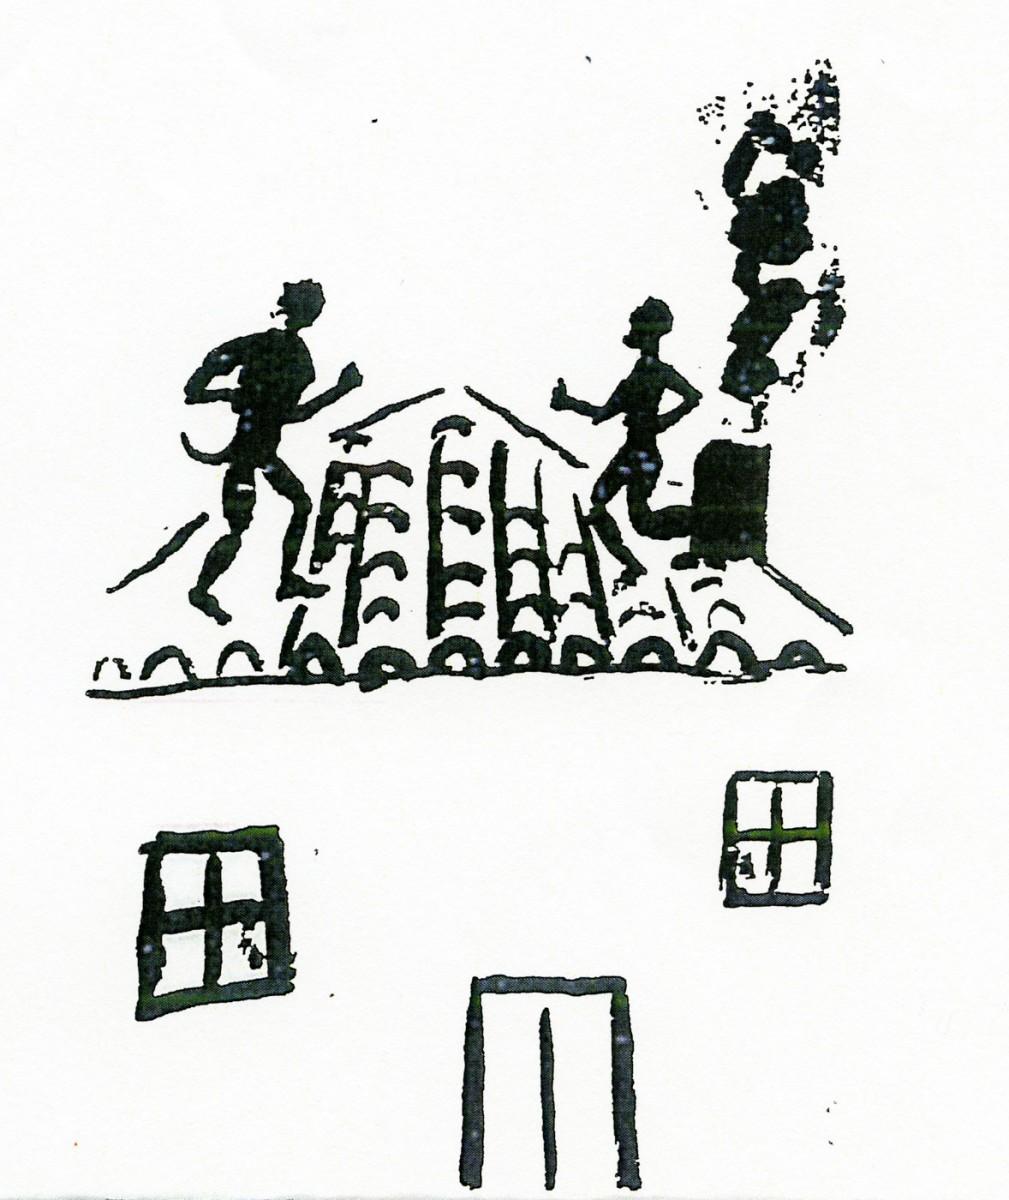 Εικ. 2. Καλικάντζαροι πάνω στην καμαροσκέπαστη στέγη ενός σπιτιού (σχέδιο του Πάνου Φειδάκη, που δημοσιεύτηκε στο βιβλίο «Καλικάντζαροι» των εκδόσεων του Φοίνικα, Αθήνα 2008).